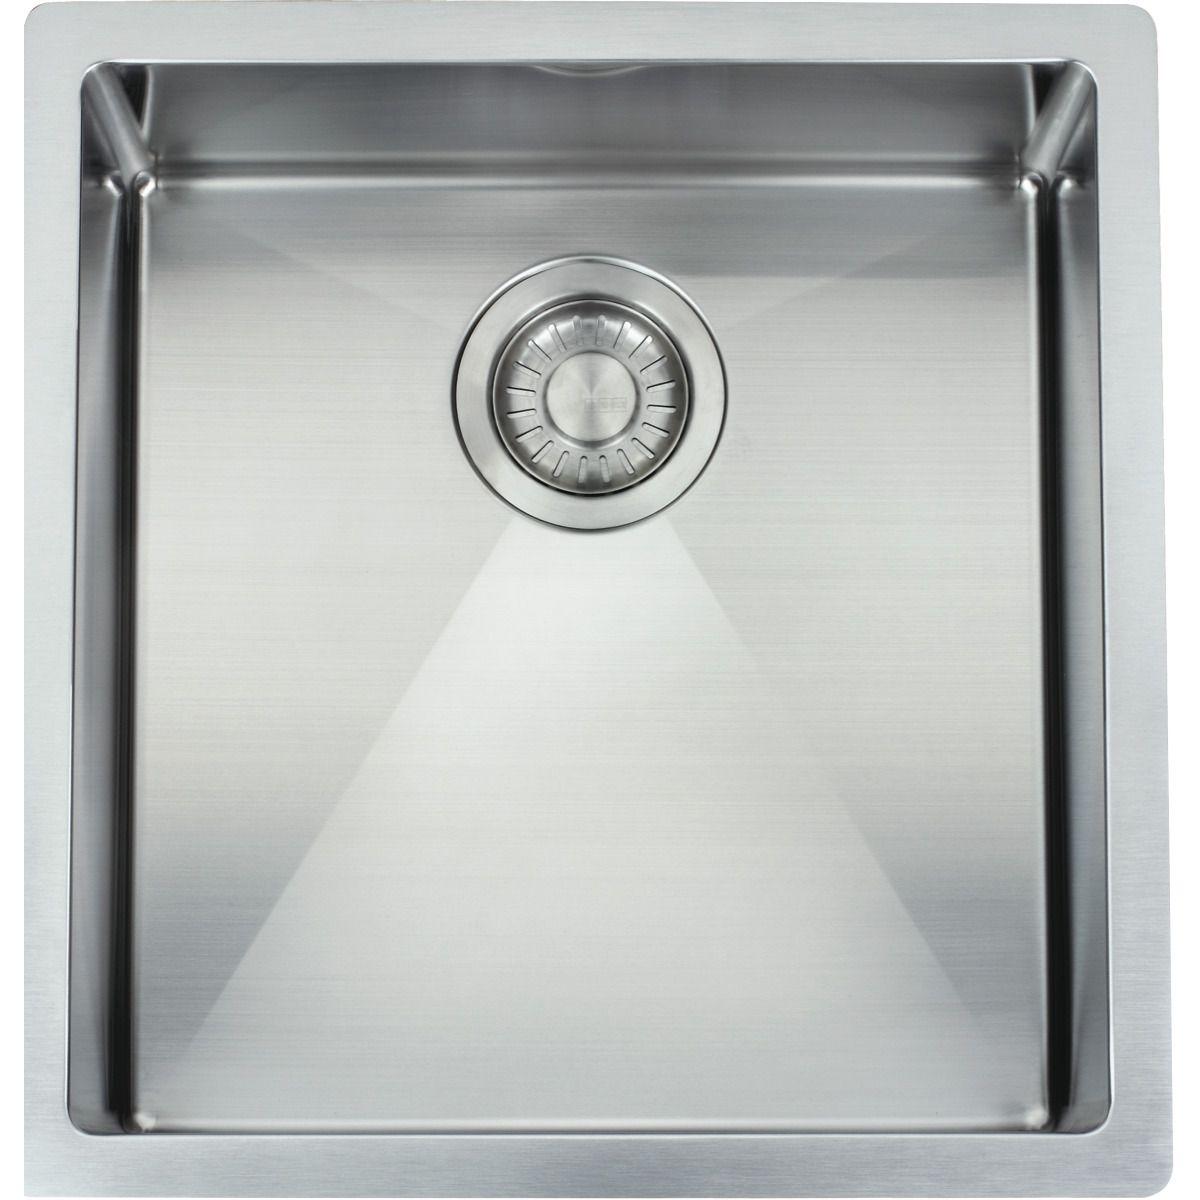 Franke Pzx210 39 Plaza Sink Sink Home Appliance Store Appliance Deals